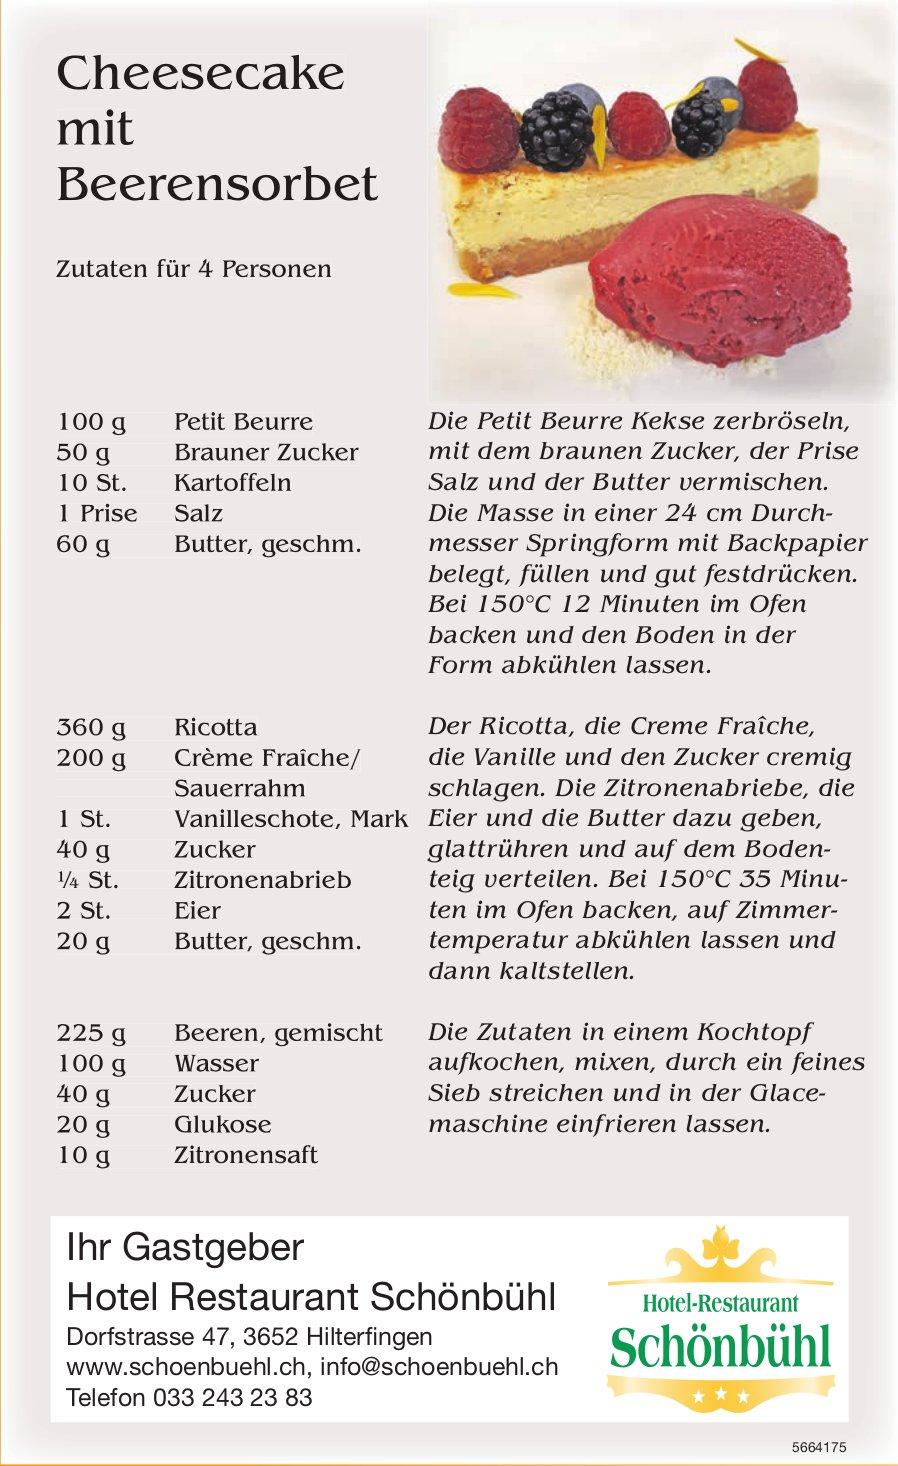 Hotel Restaurant Schönbühl, Hilterfingen - Cheesecake mit Beerensorbet